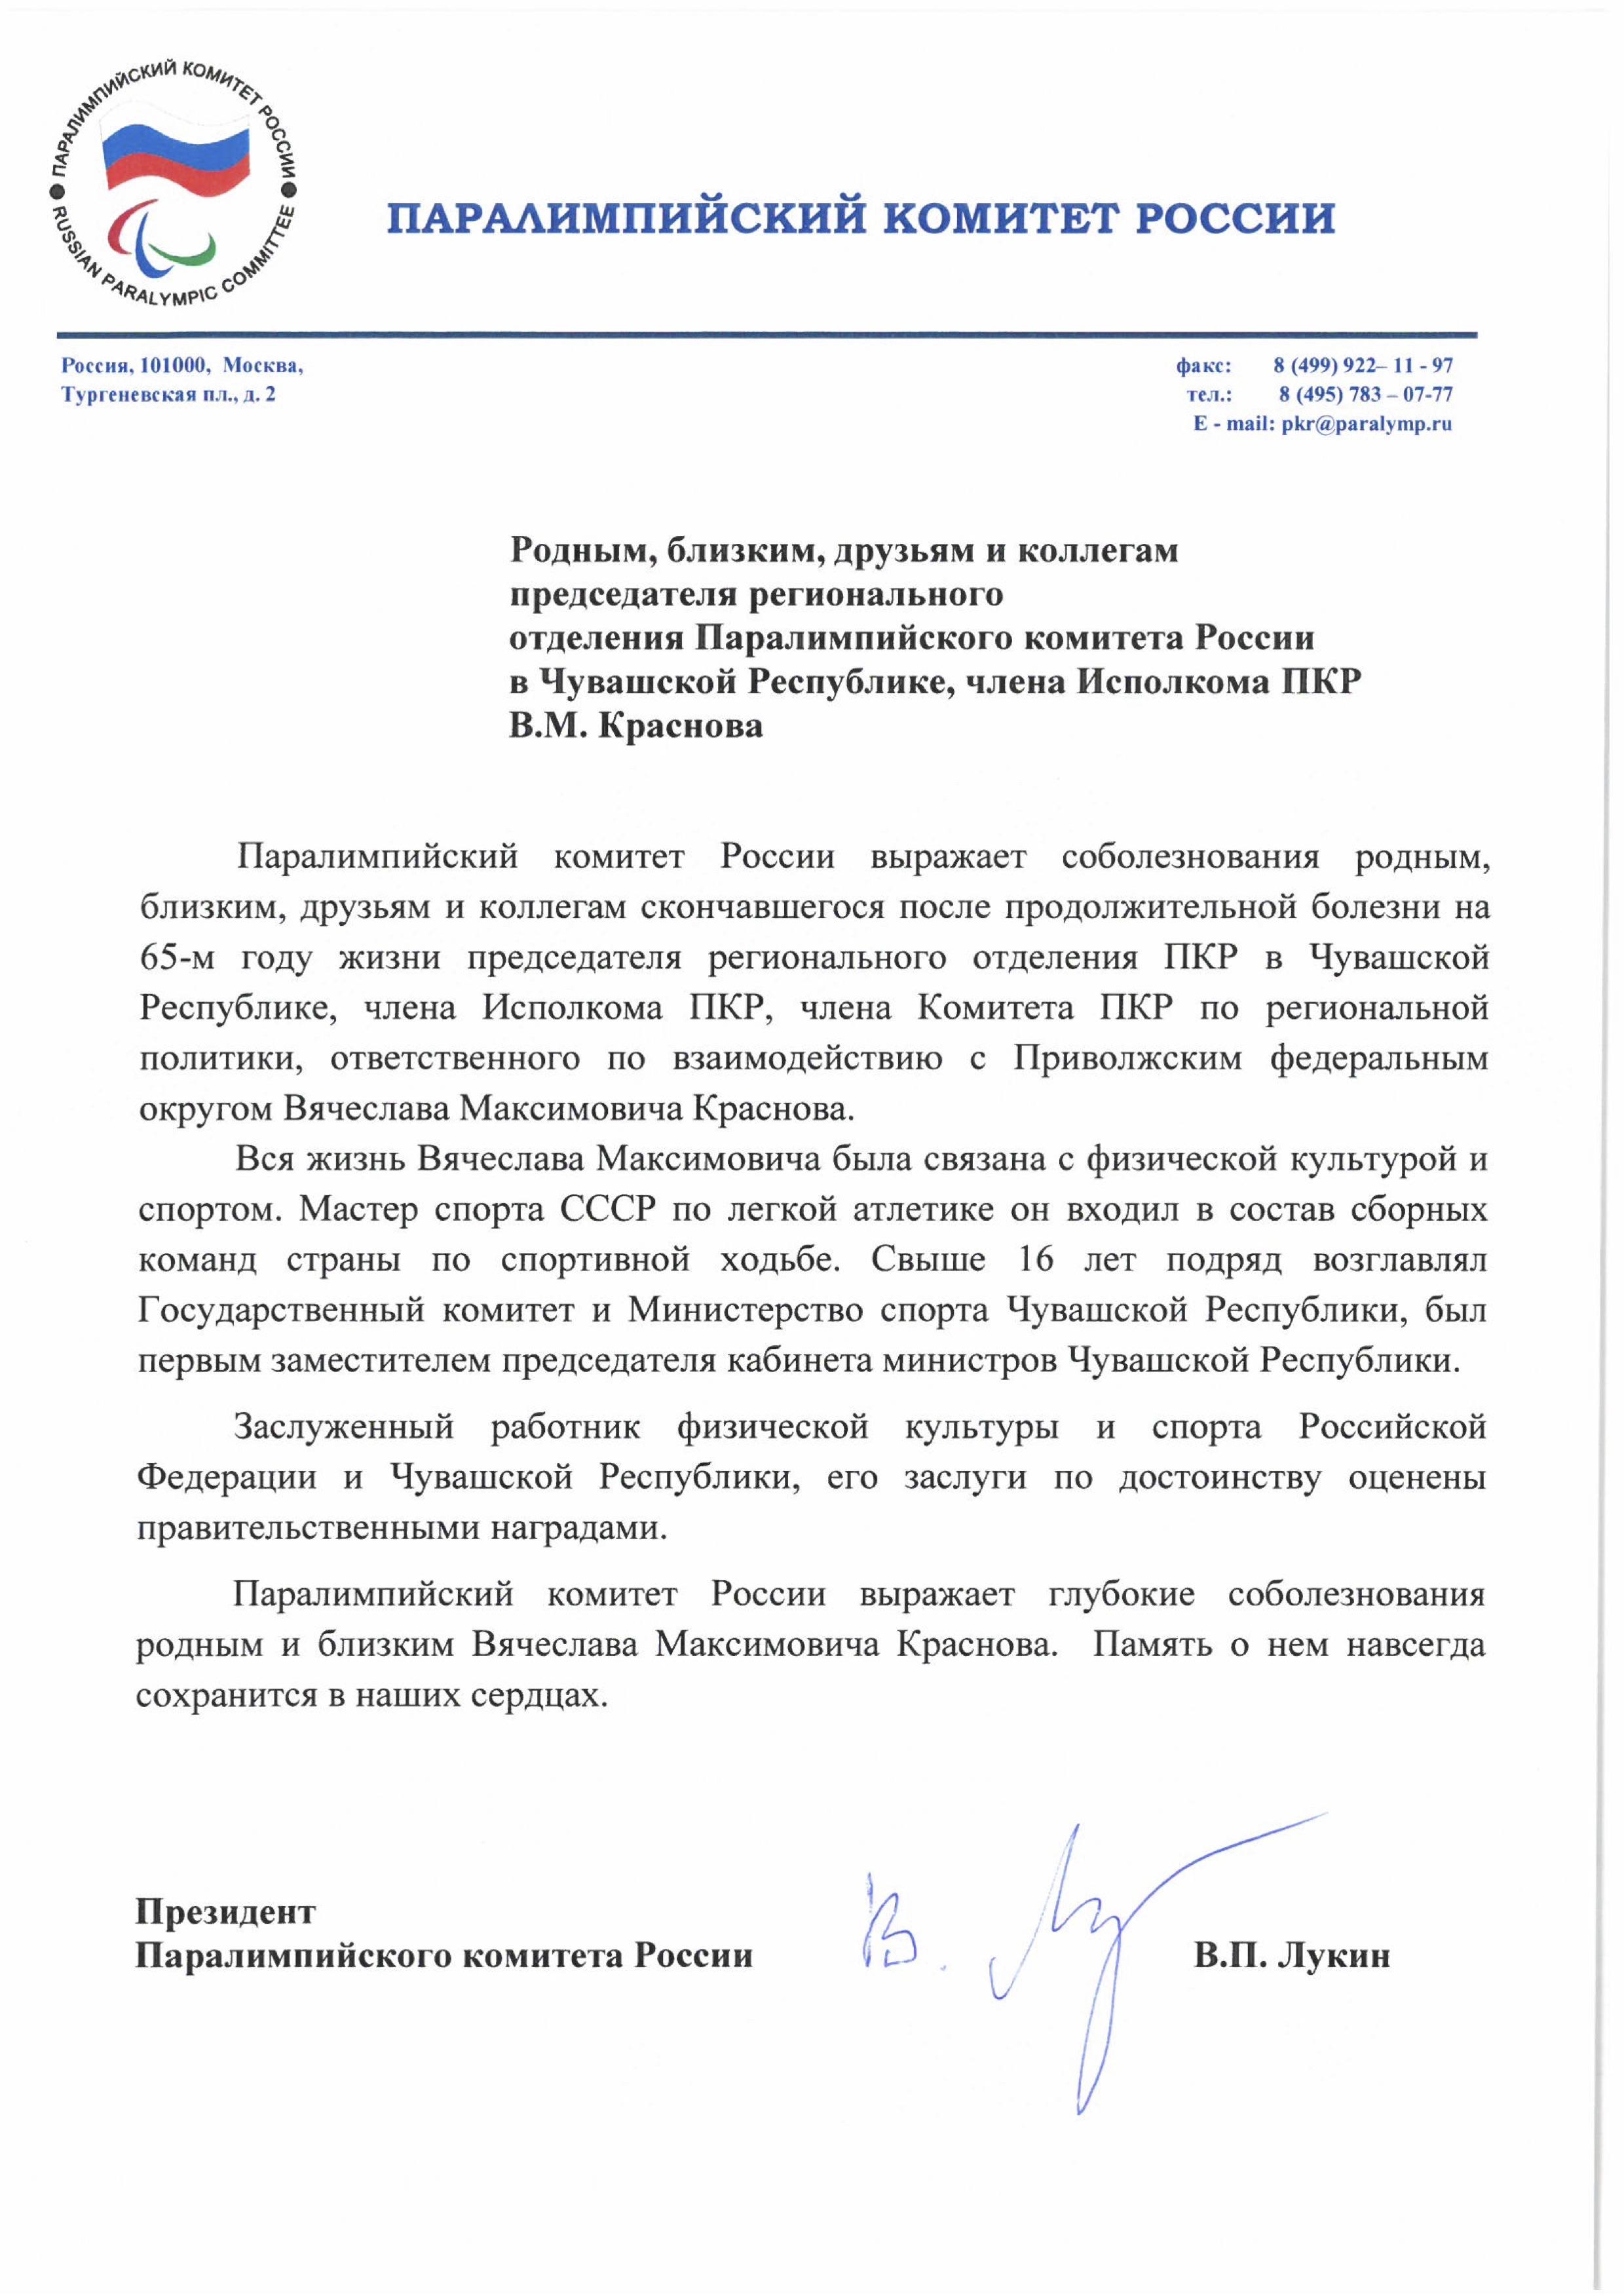 ПКР выражает соболезнования родным, близким, друзьям и коллегам скончавшегося после продолжительной болезни В.М. Краснова